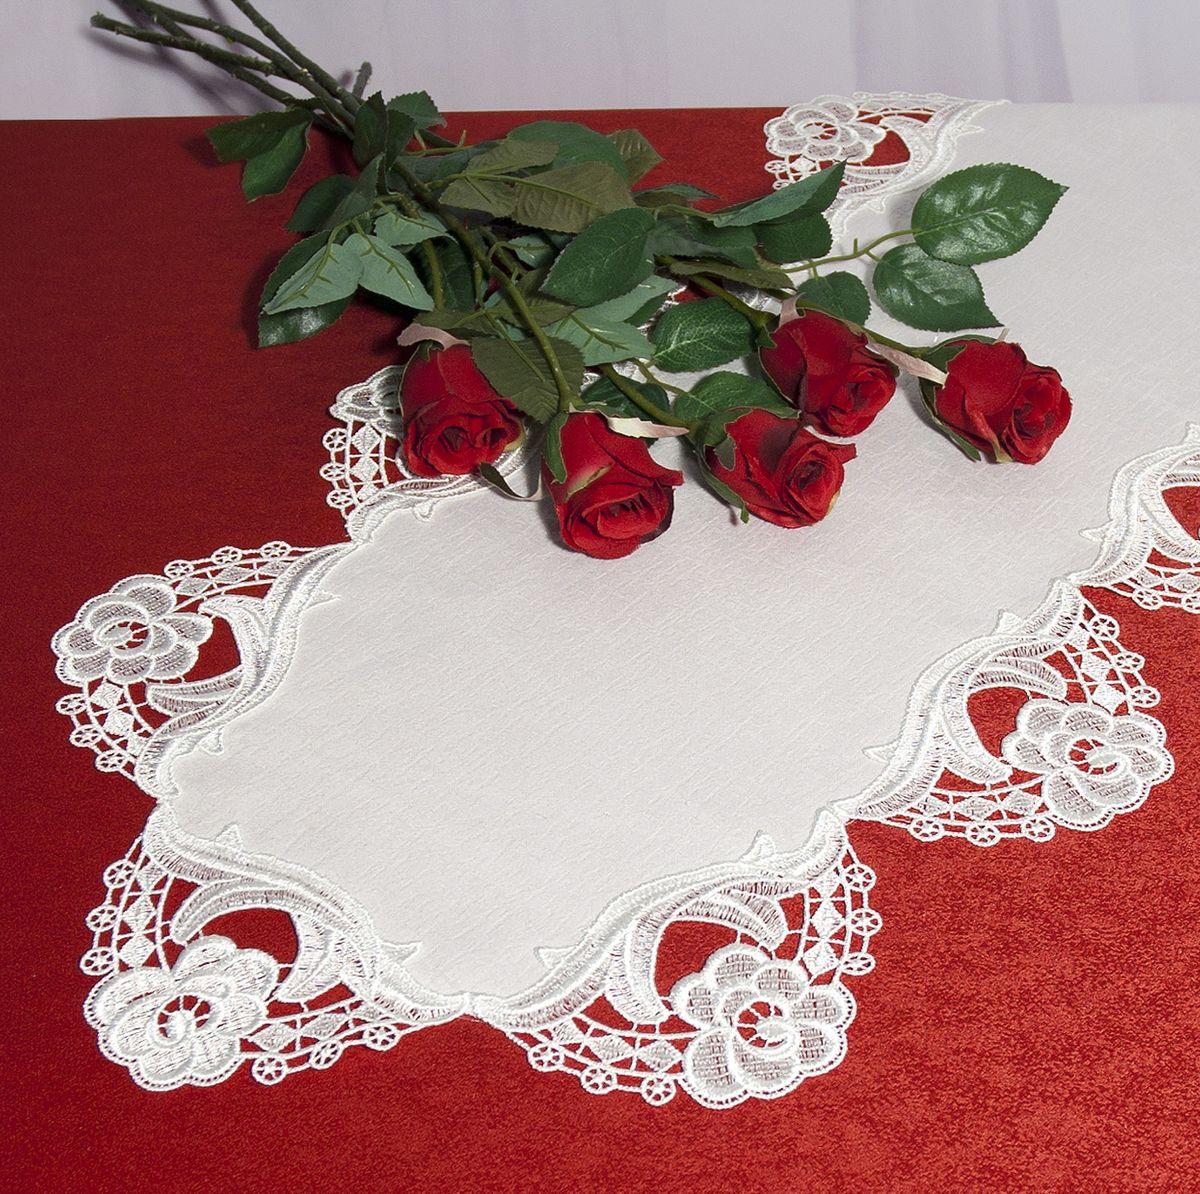 Дорожка для декорирования стола Schaefer, 40 x 90 см, цвет: белый. 30131004900000360Дорожка для декорирования стола Schaefer может быть использована, как основной элемент, так и дополнение для создания уюта и романтического настроения.Дорожка выполнена из полиэстера. Изделие легко стирать: оно не мнется, не садится и быстро сохнет, более долговечно, чем изделие из натуральных волокон.Материал: 100% полиэстер.Размер: 40 x 90 см